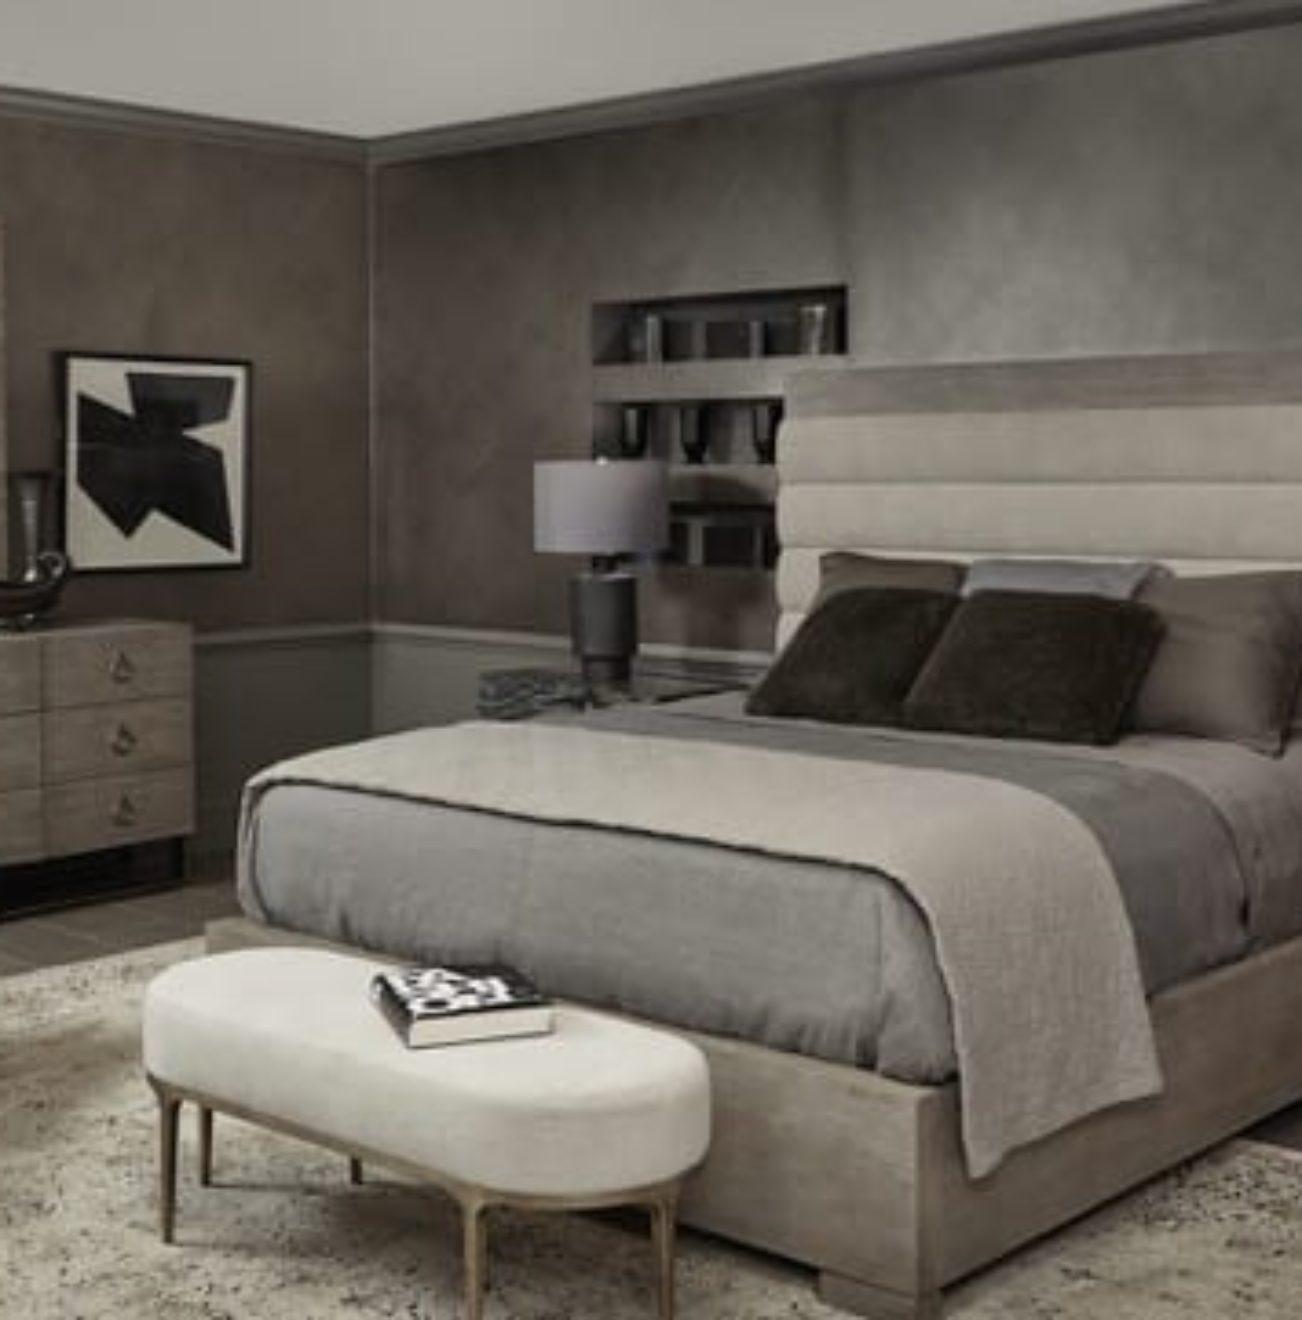 bernhardt_linea_bedroom_banner3